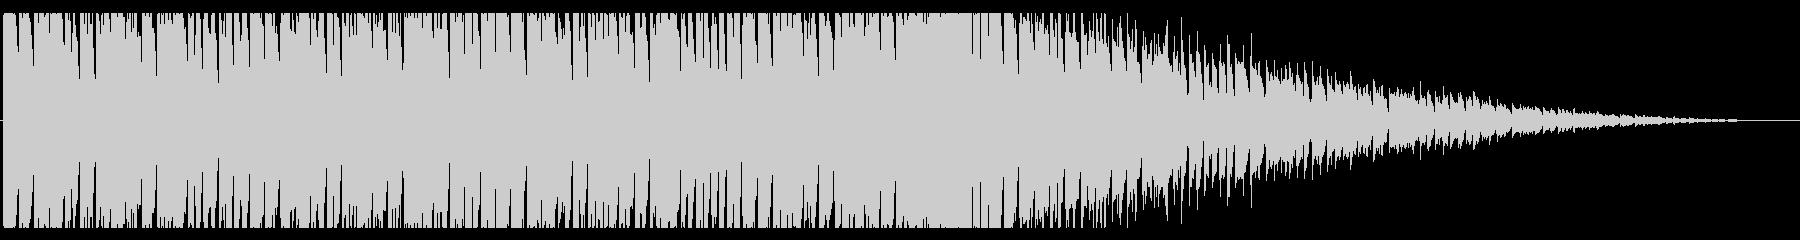 爽やか/トロピカルポップ_No389_5の未再生の波形